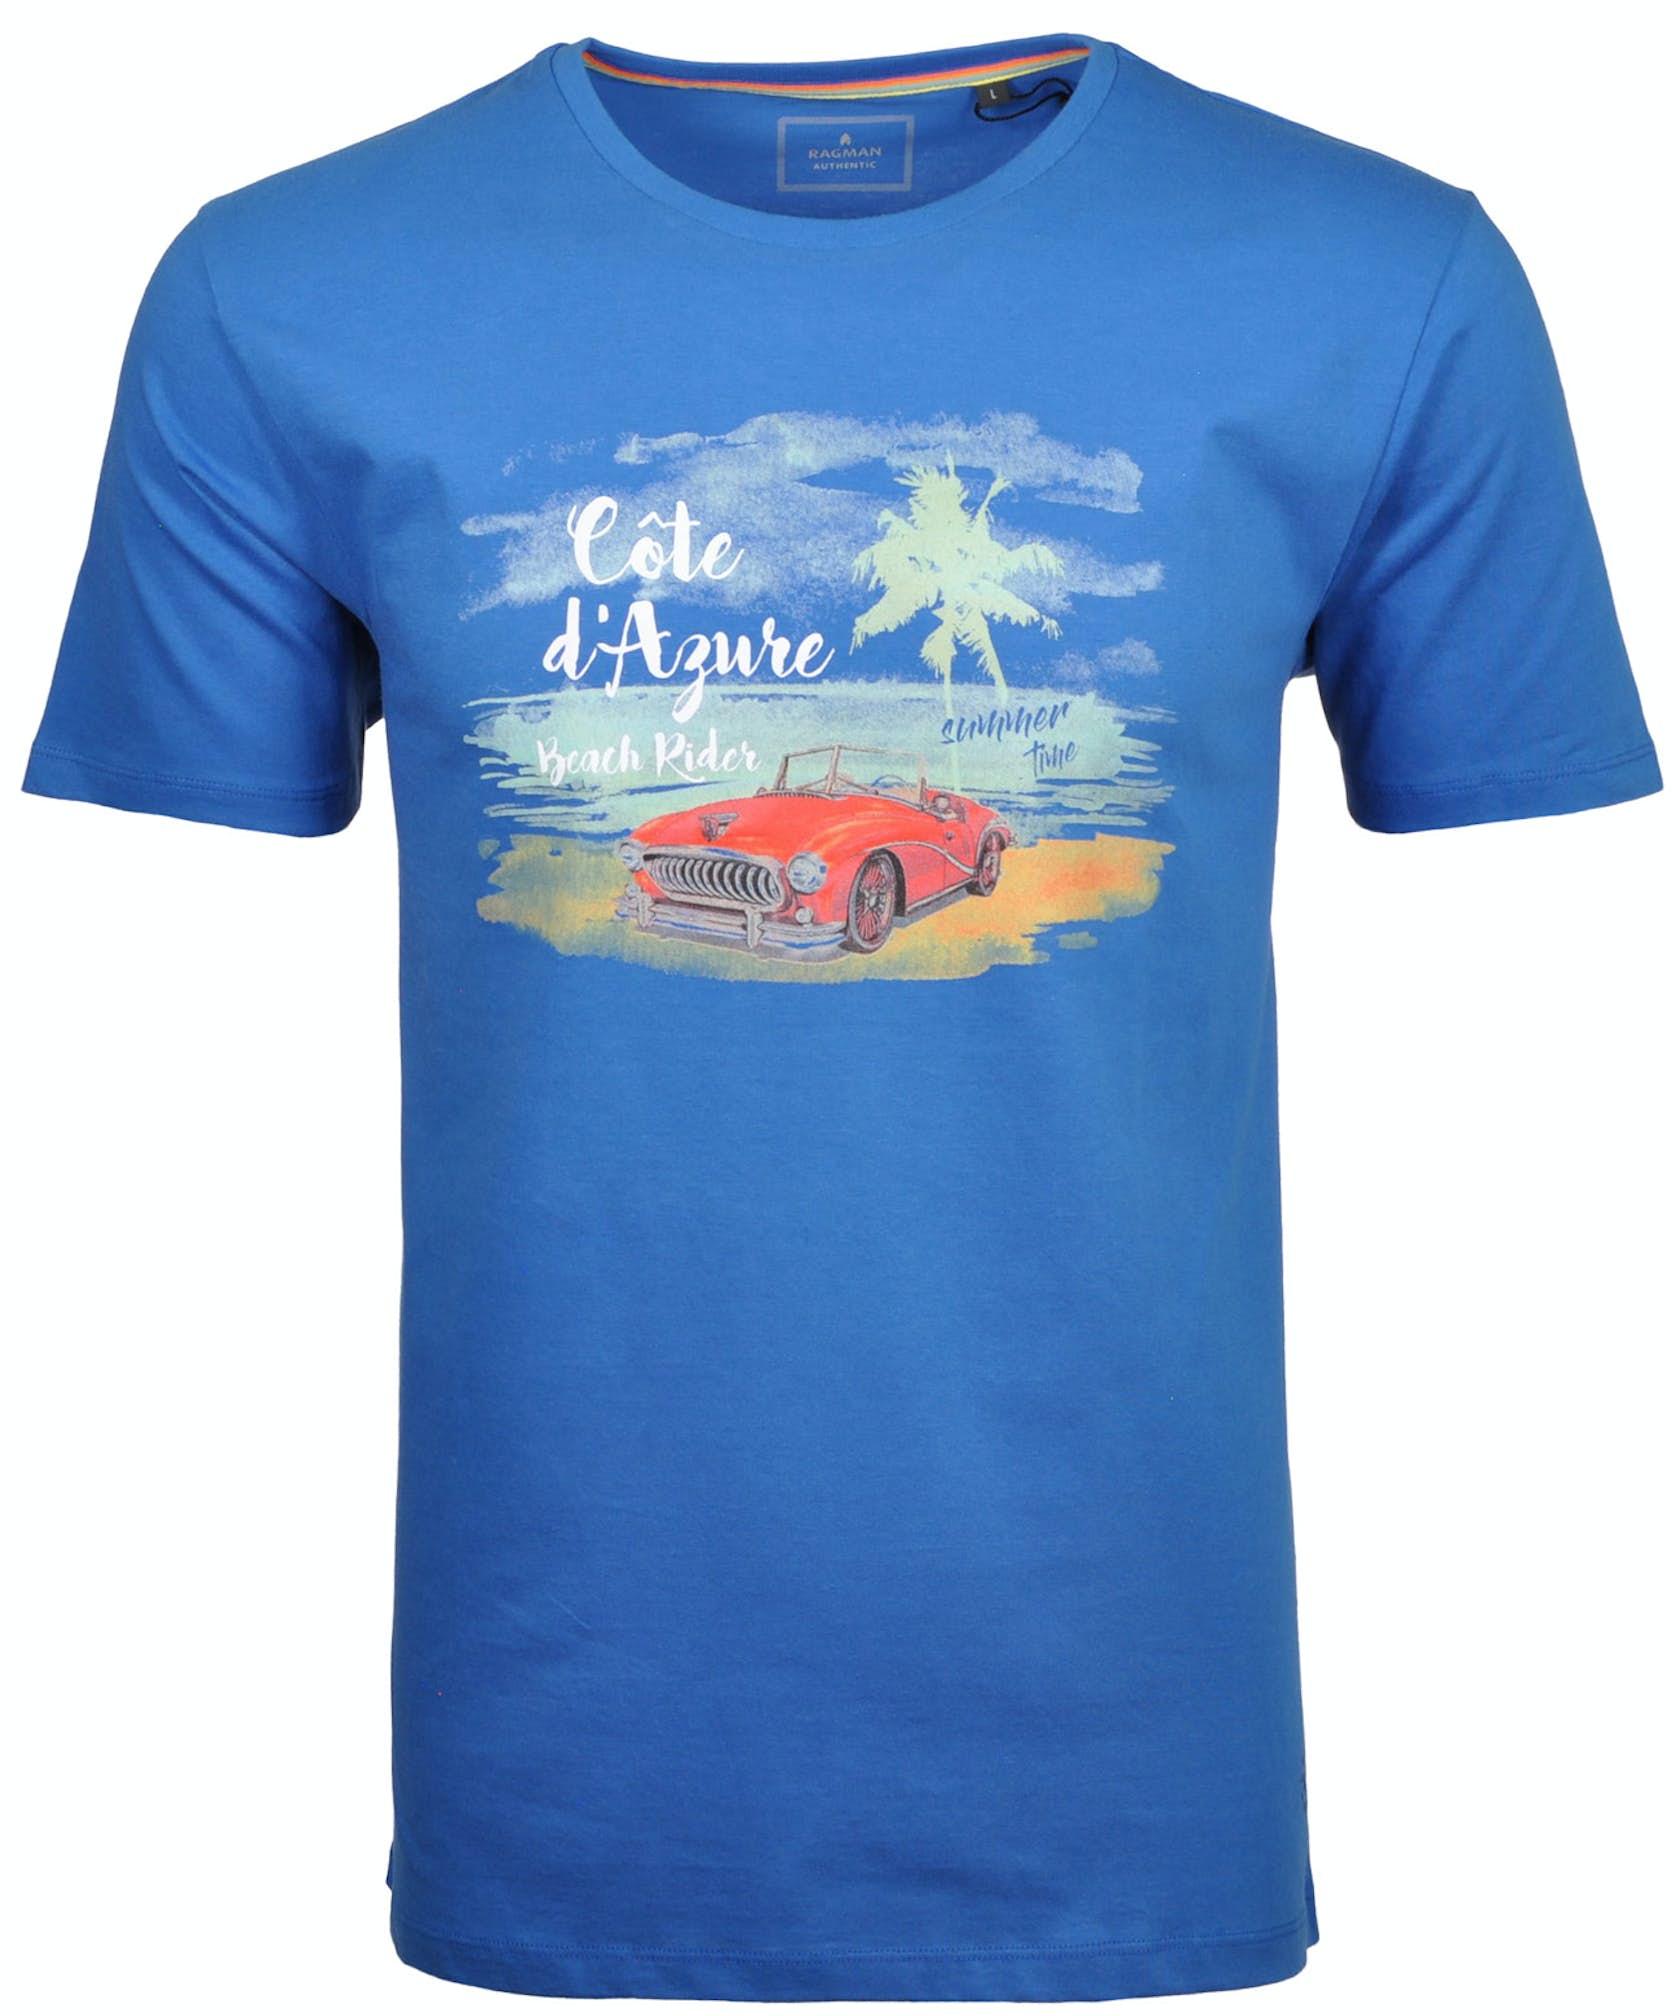 T-Shirt Rundhals mit Front-Print